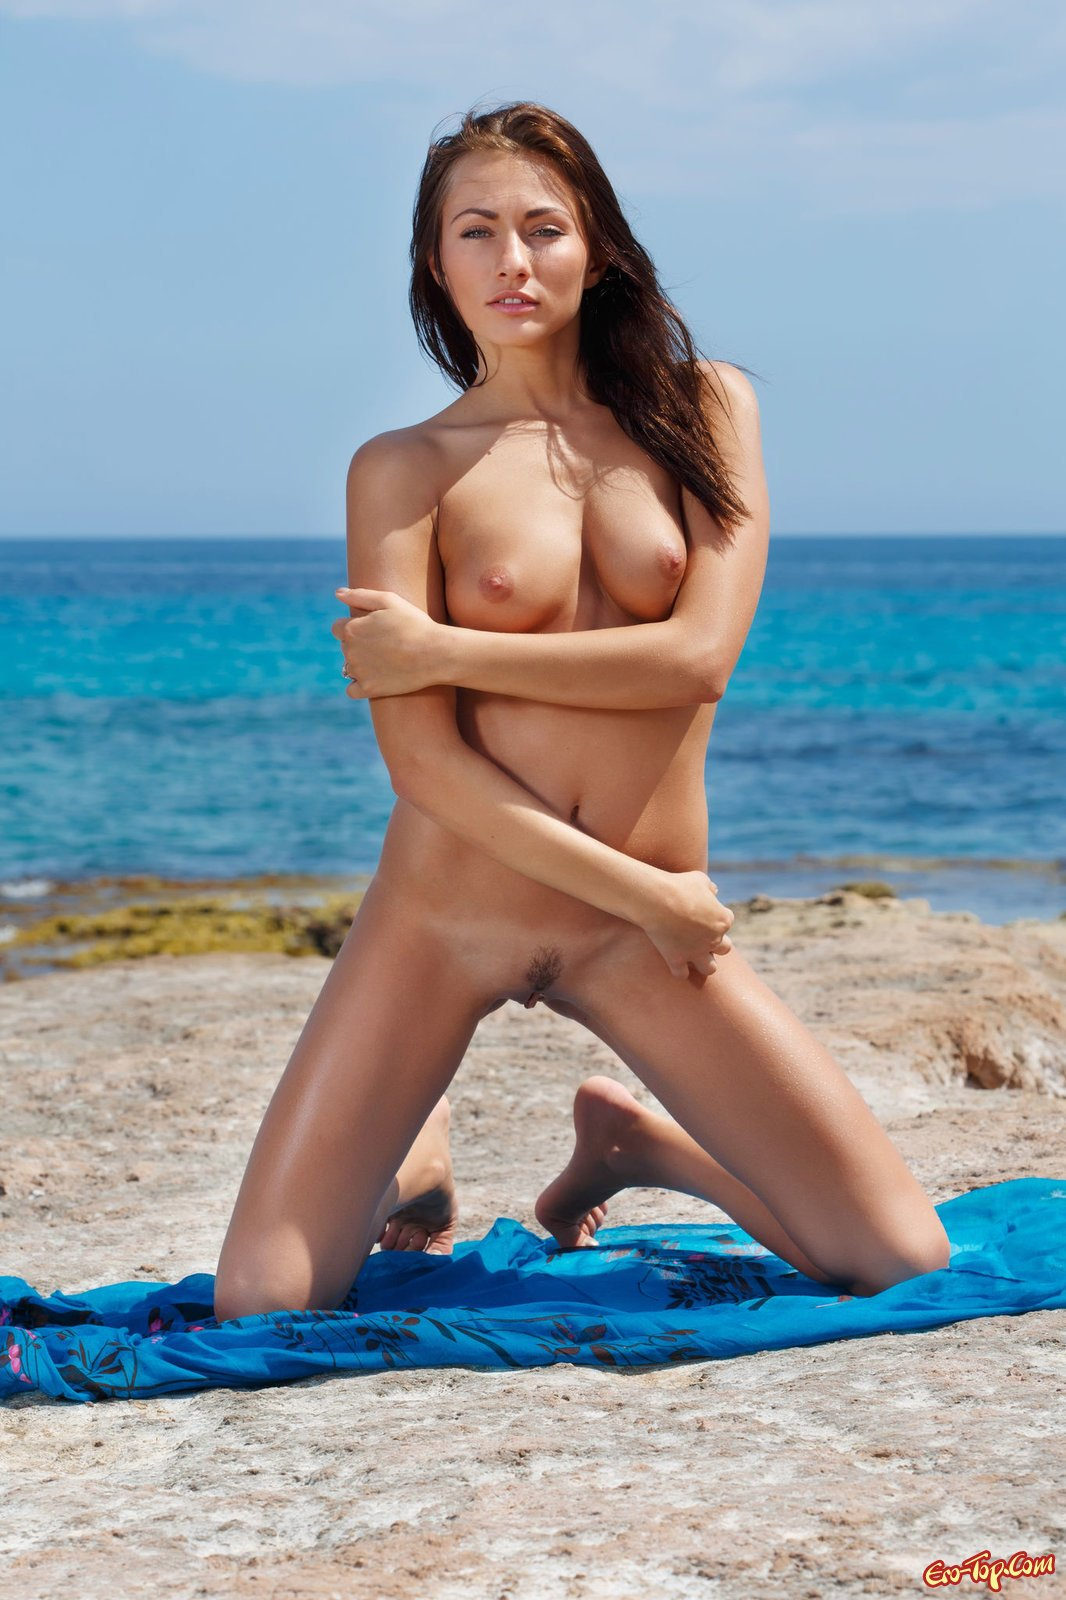 Шатенка стягивает купальник на море смотреть эротику